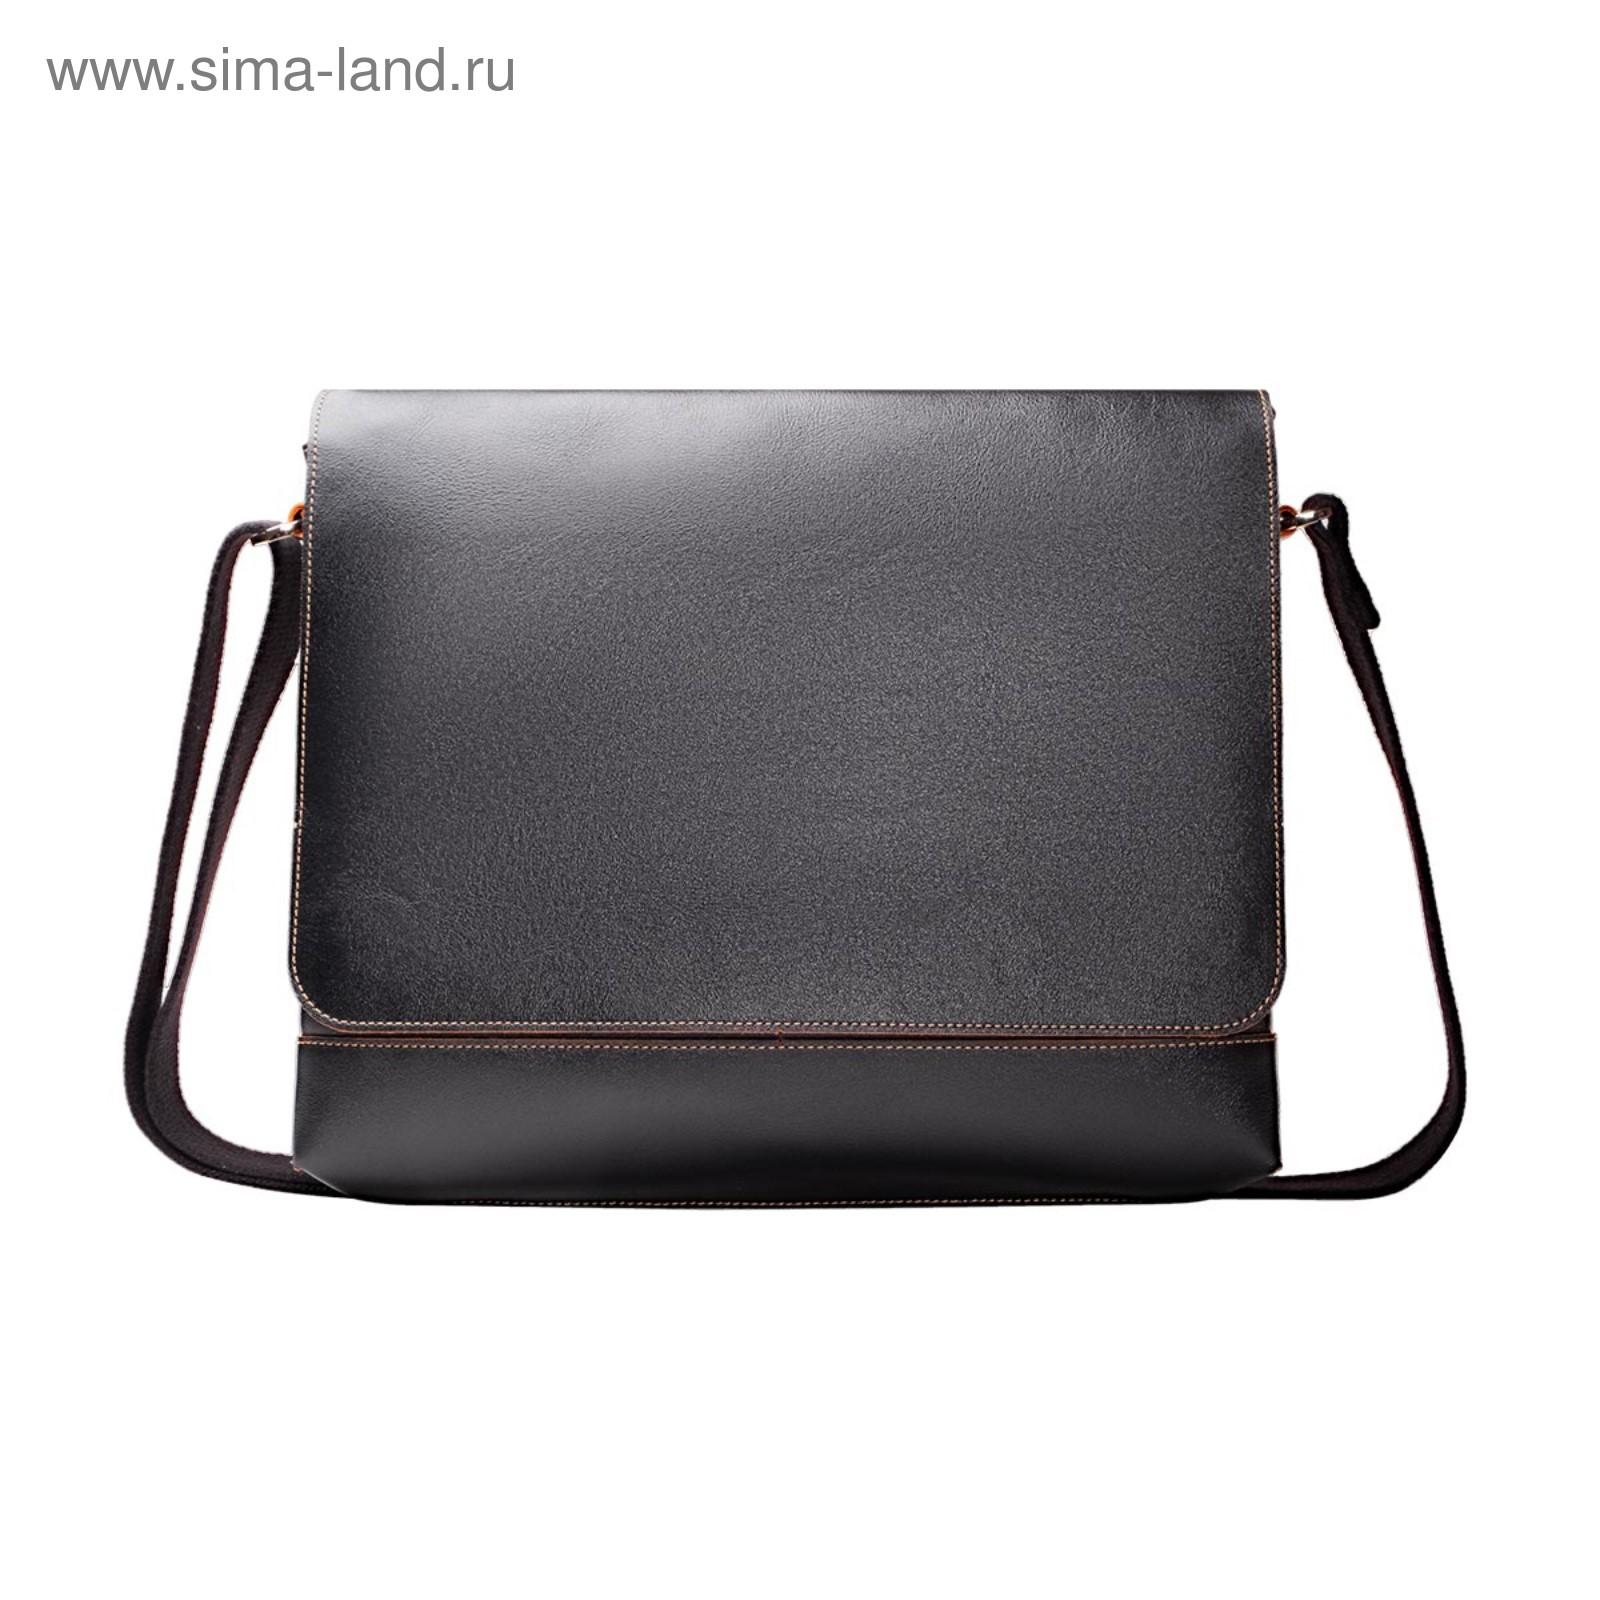 209df3c9bd7e Сумка мужская Fabula S.384.TXF, чёрный (4417160) - Купить по цене от ...